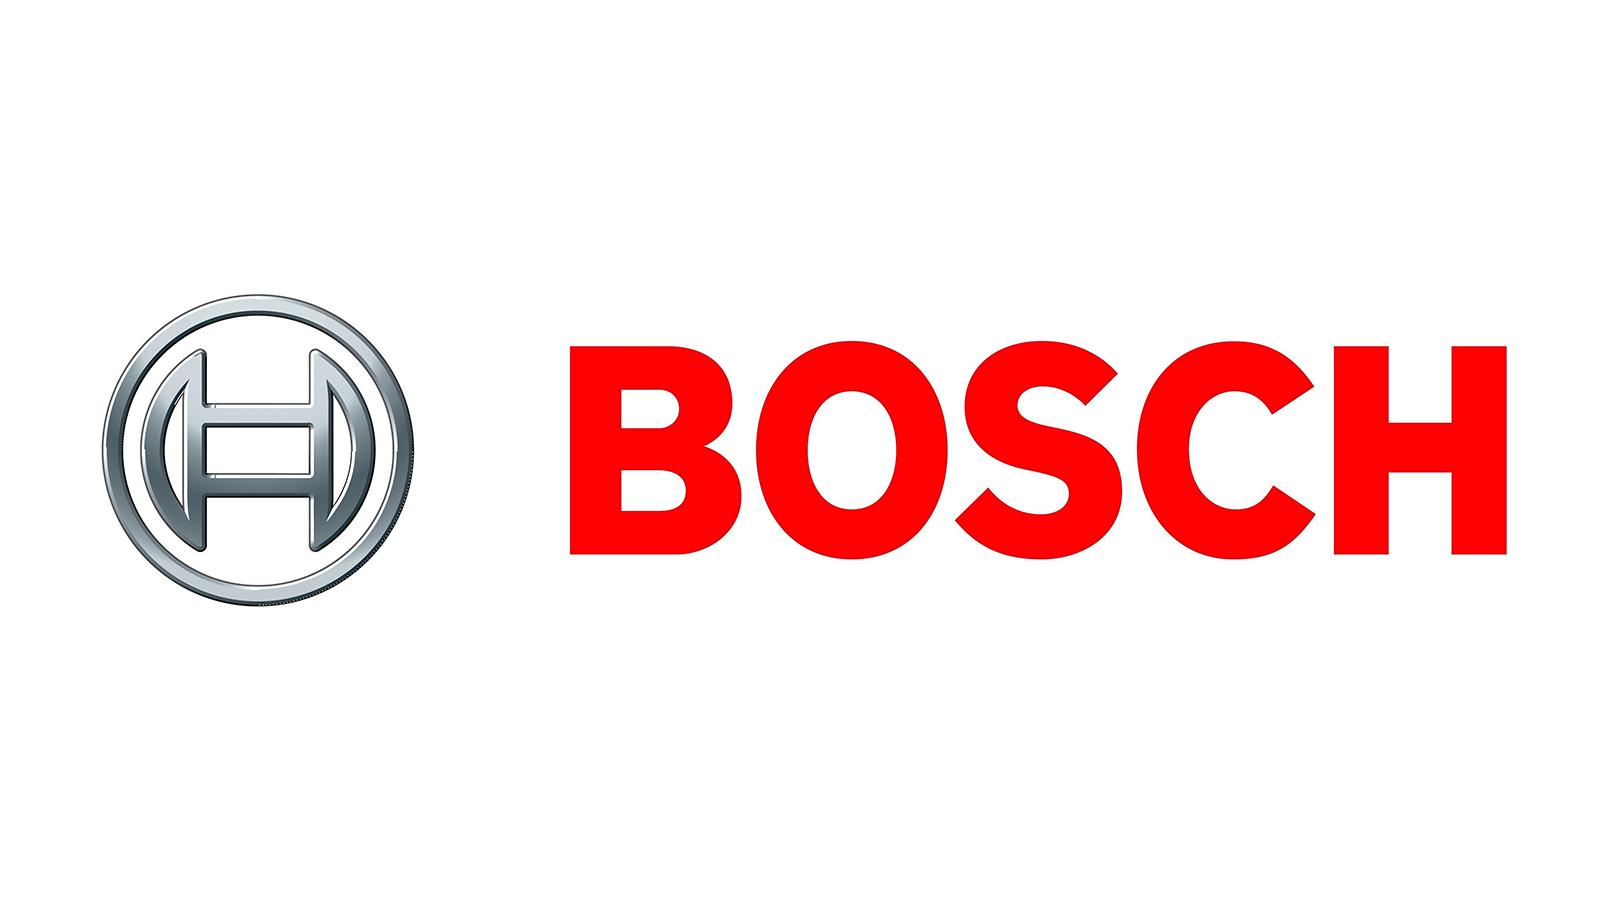 siemplus-referentie-bosch-logo